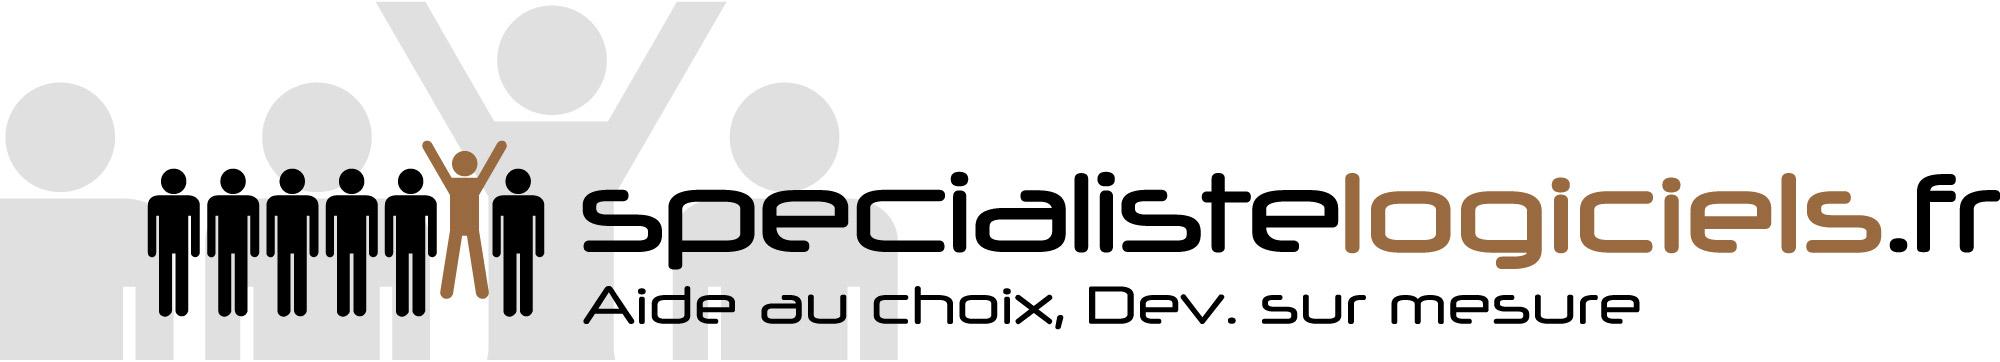 Specialistelogiciels.fr